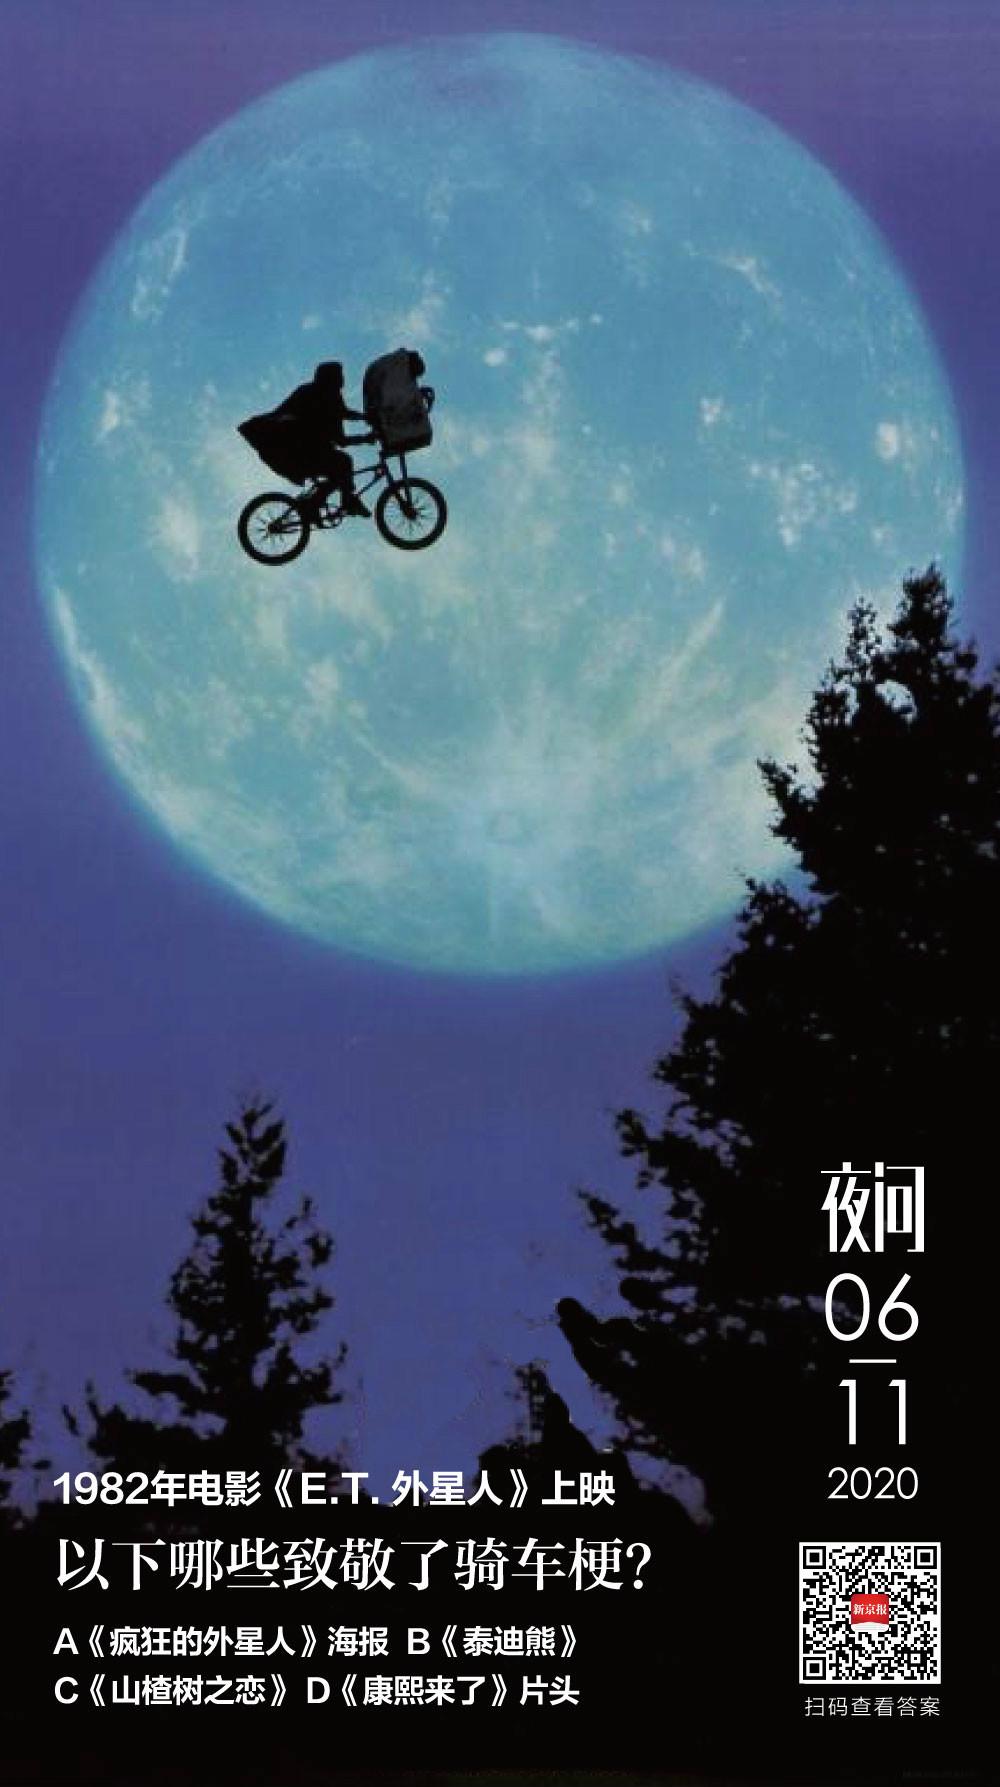 《山楂树之恋》和《泰迪熊》的共同点是这个画面丨夜问图片